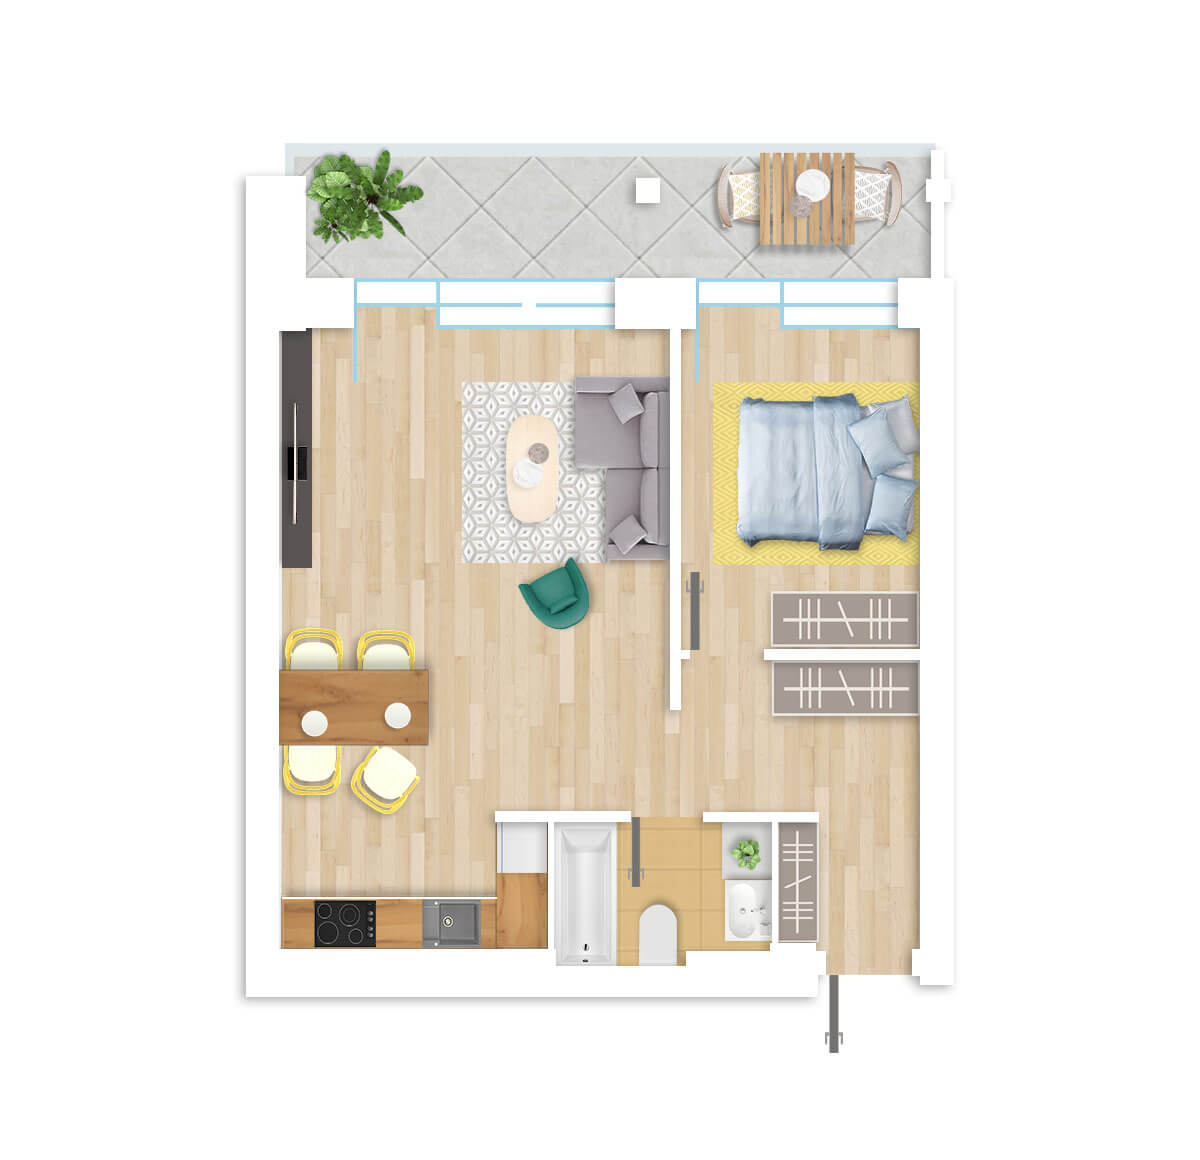 parduodamas butas Lazdynėlių g. 16A - 31 Vilniuje, buto 3D vaizdas